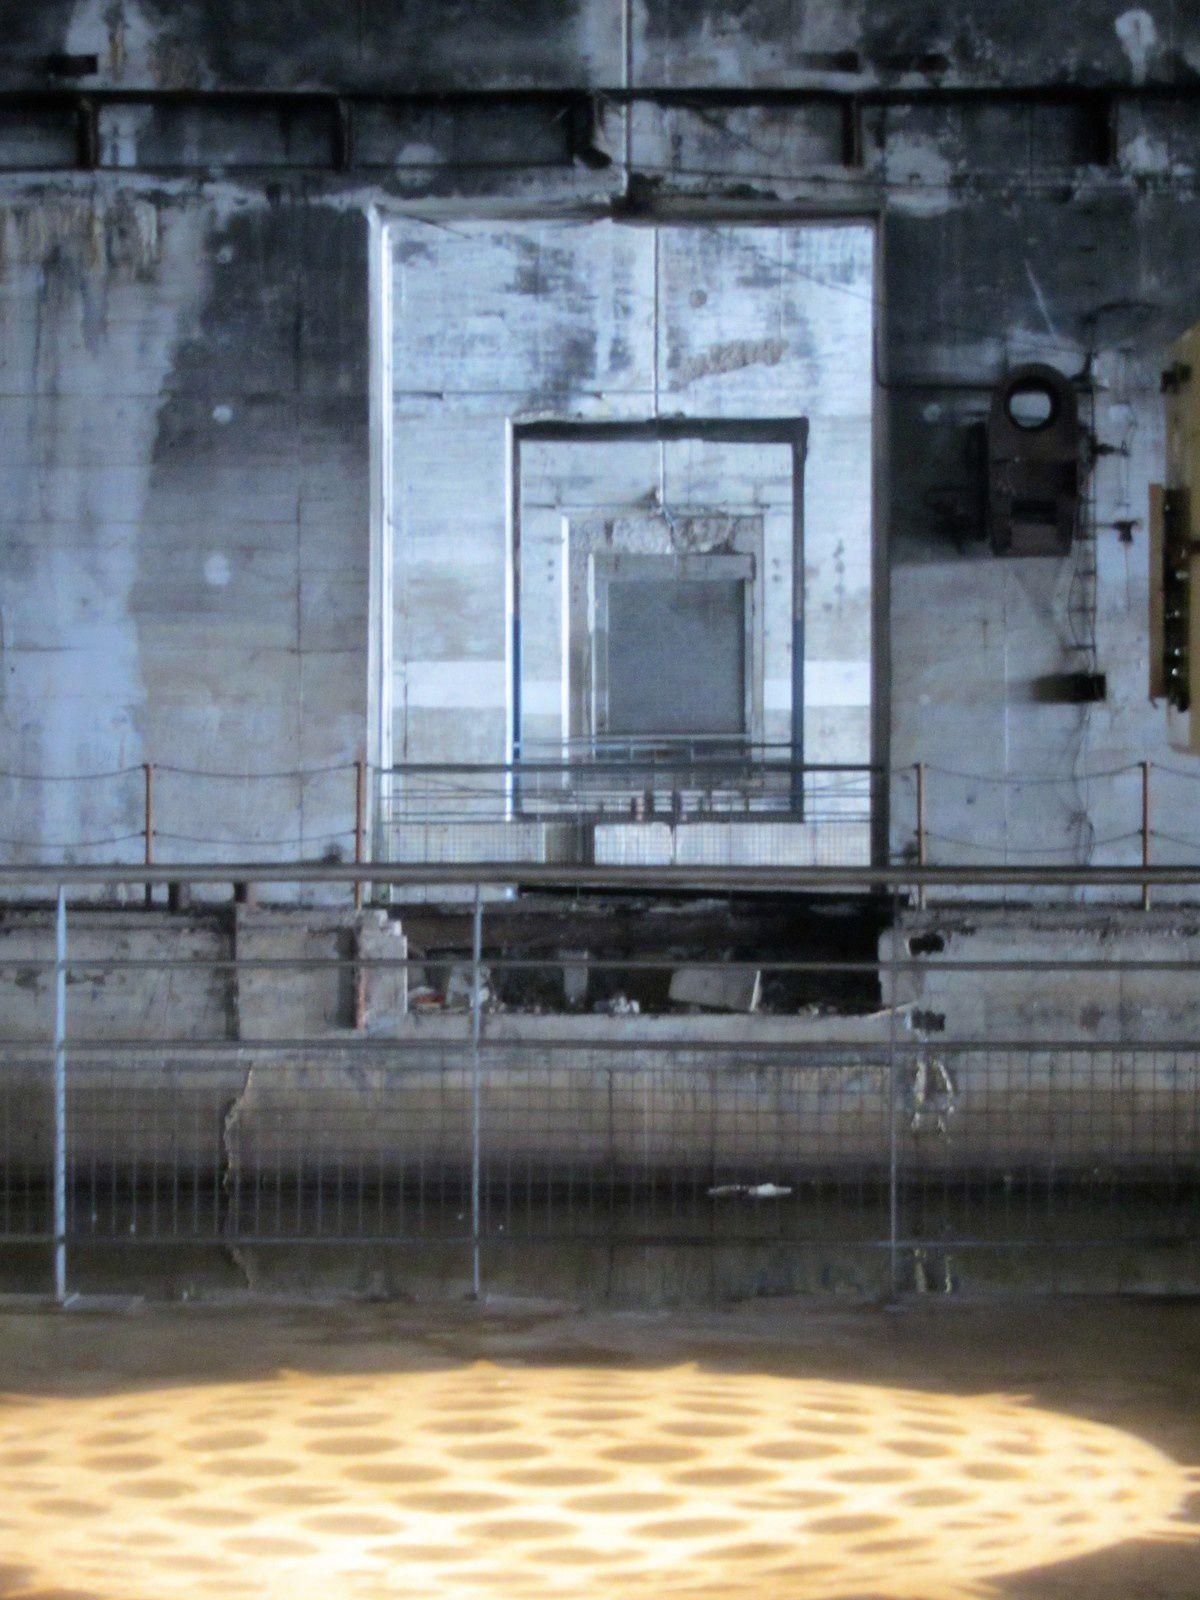 La base reste un imposant vestige de la Seconde Guerre mondiale. Le site a ensuite abrité un musée de la plaisance, et il est aujourd'hui un espace culturel très visité